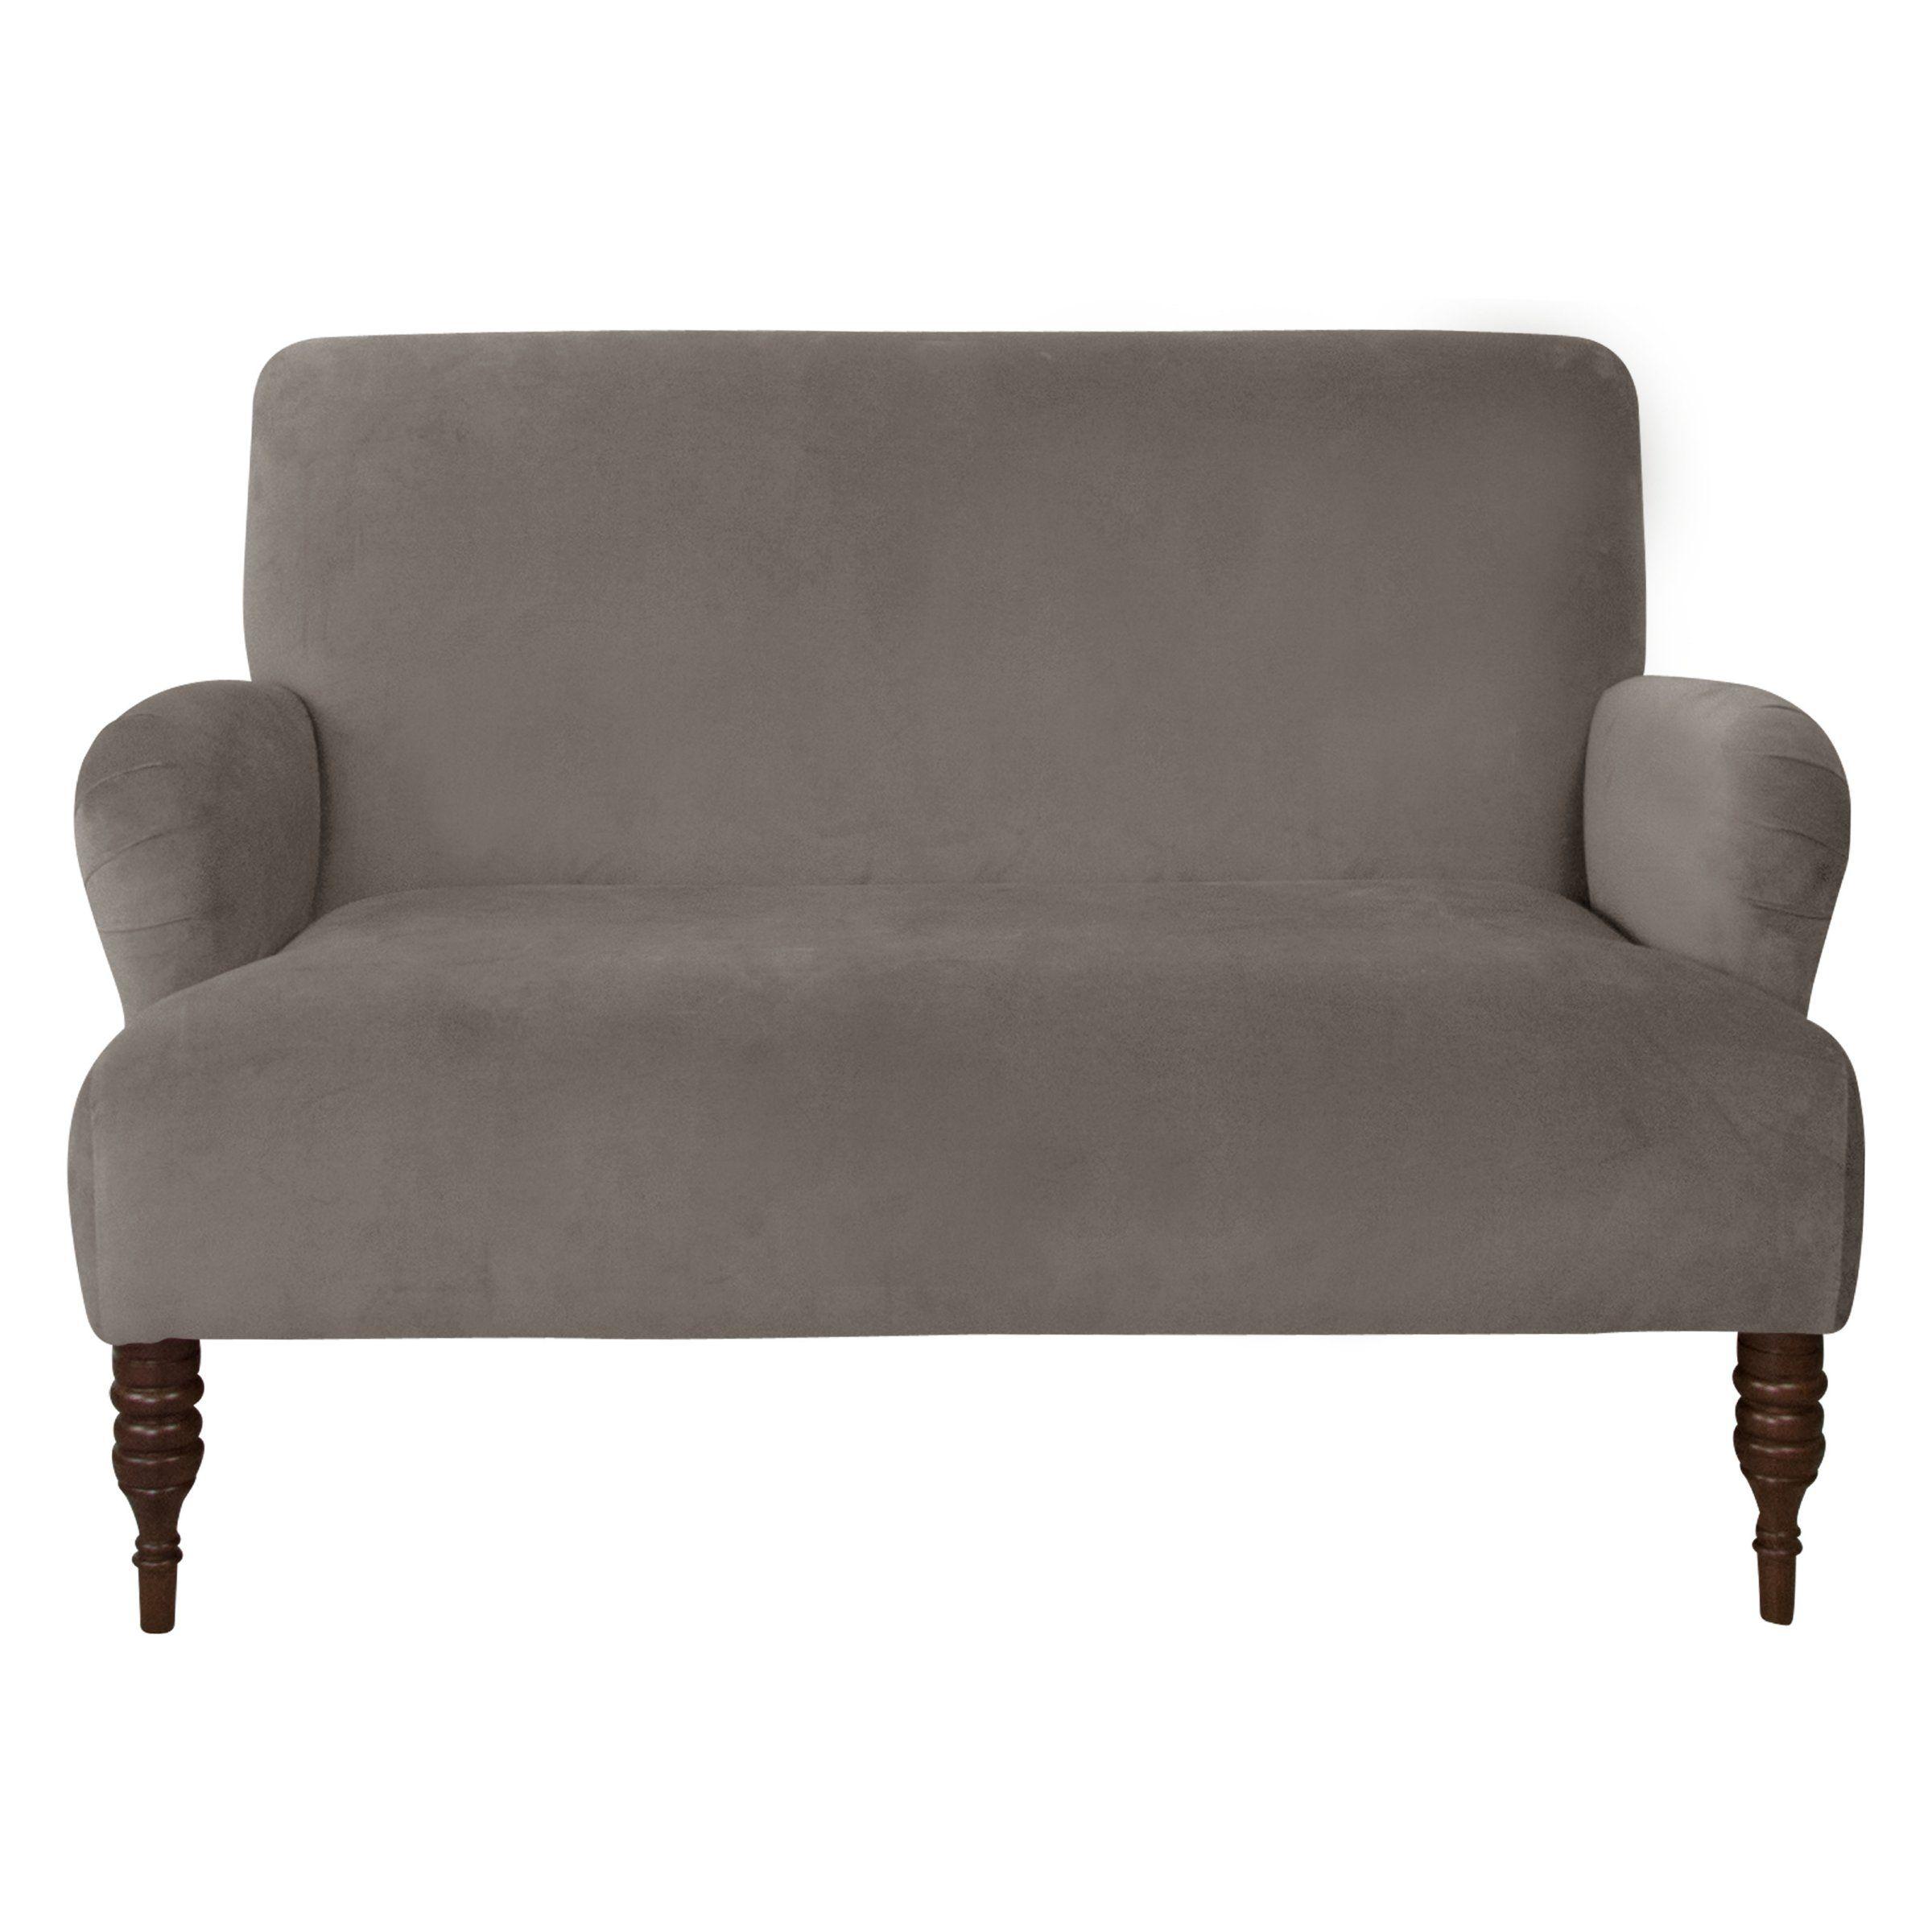 Etonnant Skyline Furniture Settee   Sofas U0026 Loveseats At Hayneedle